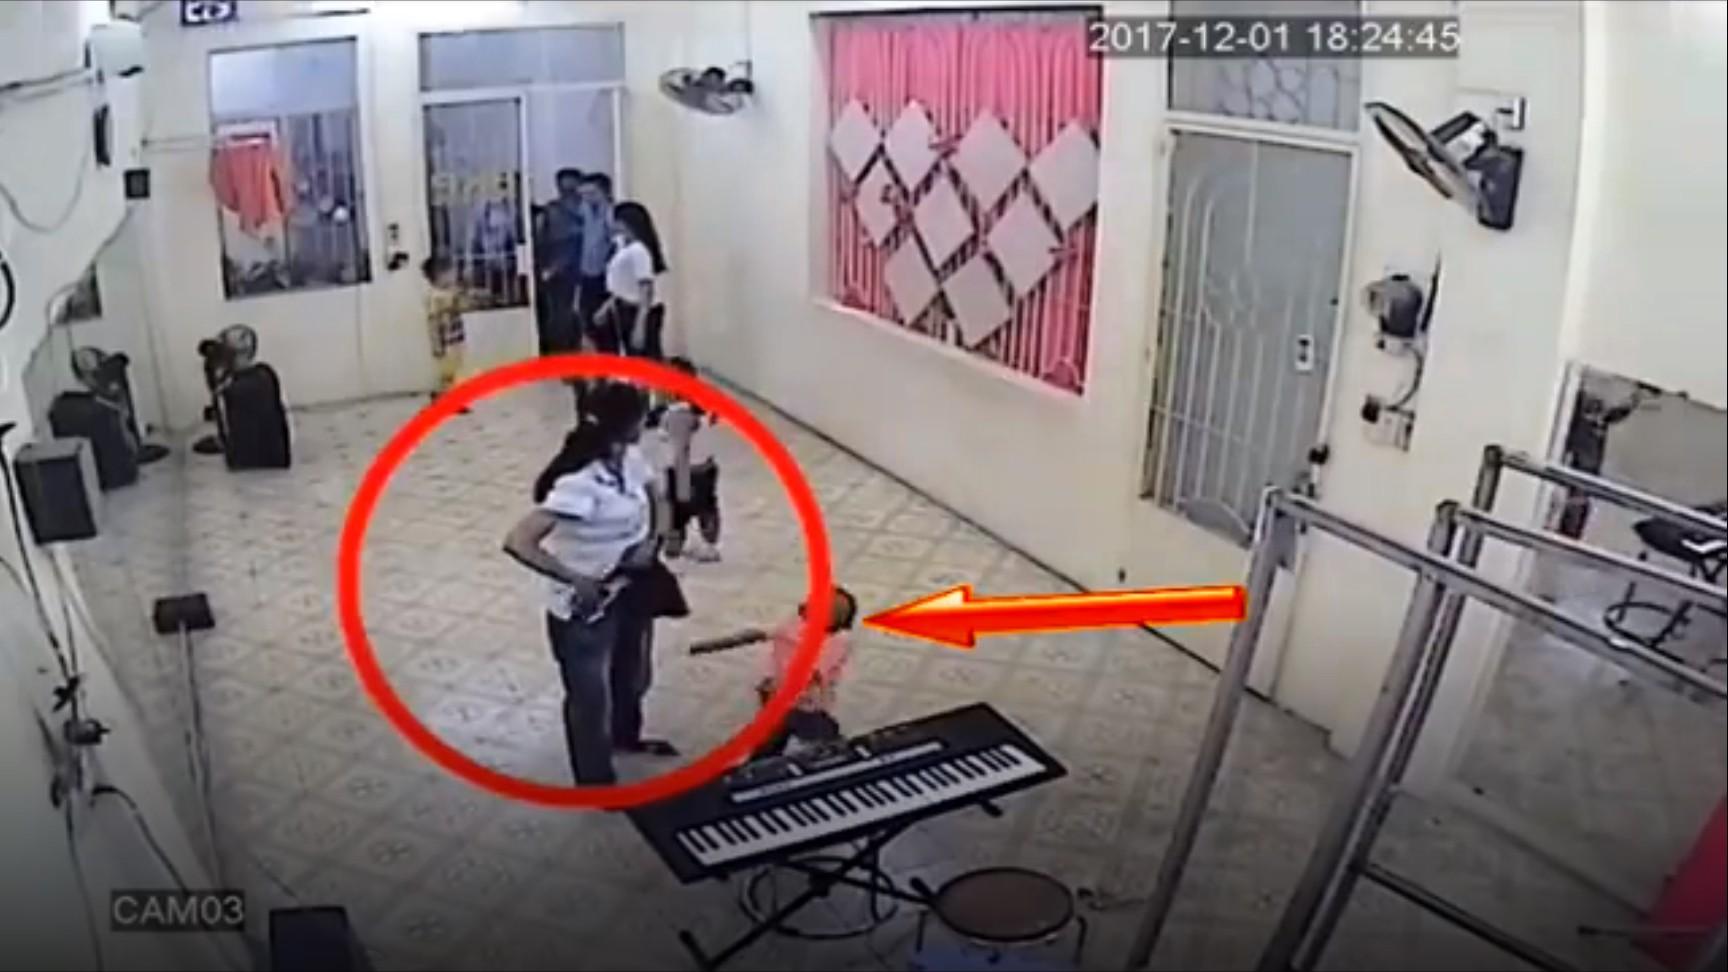 Clip: Đến đón bé trai, người phụ nữ nhanh tay lấy trộm điện thoại ngay trong lớp học